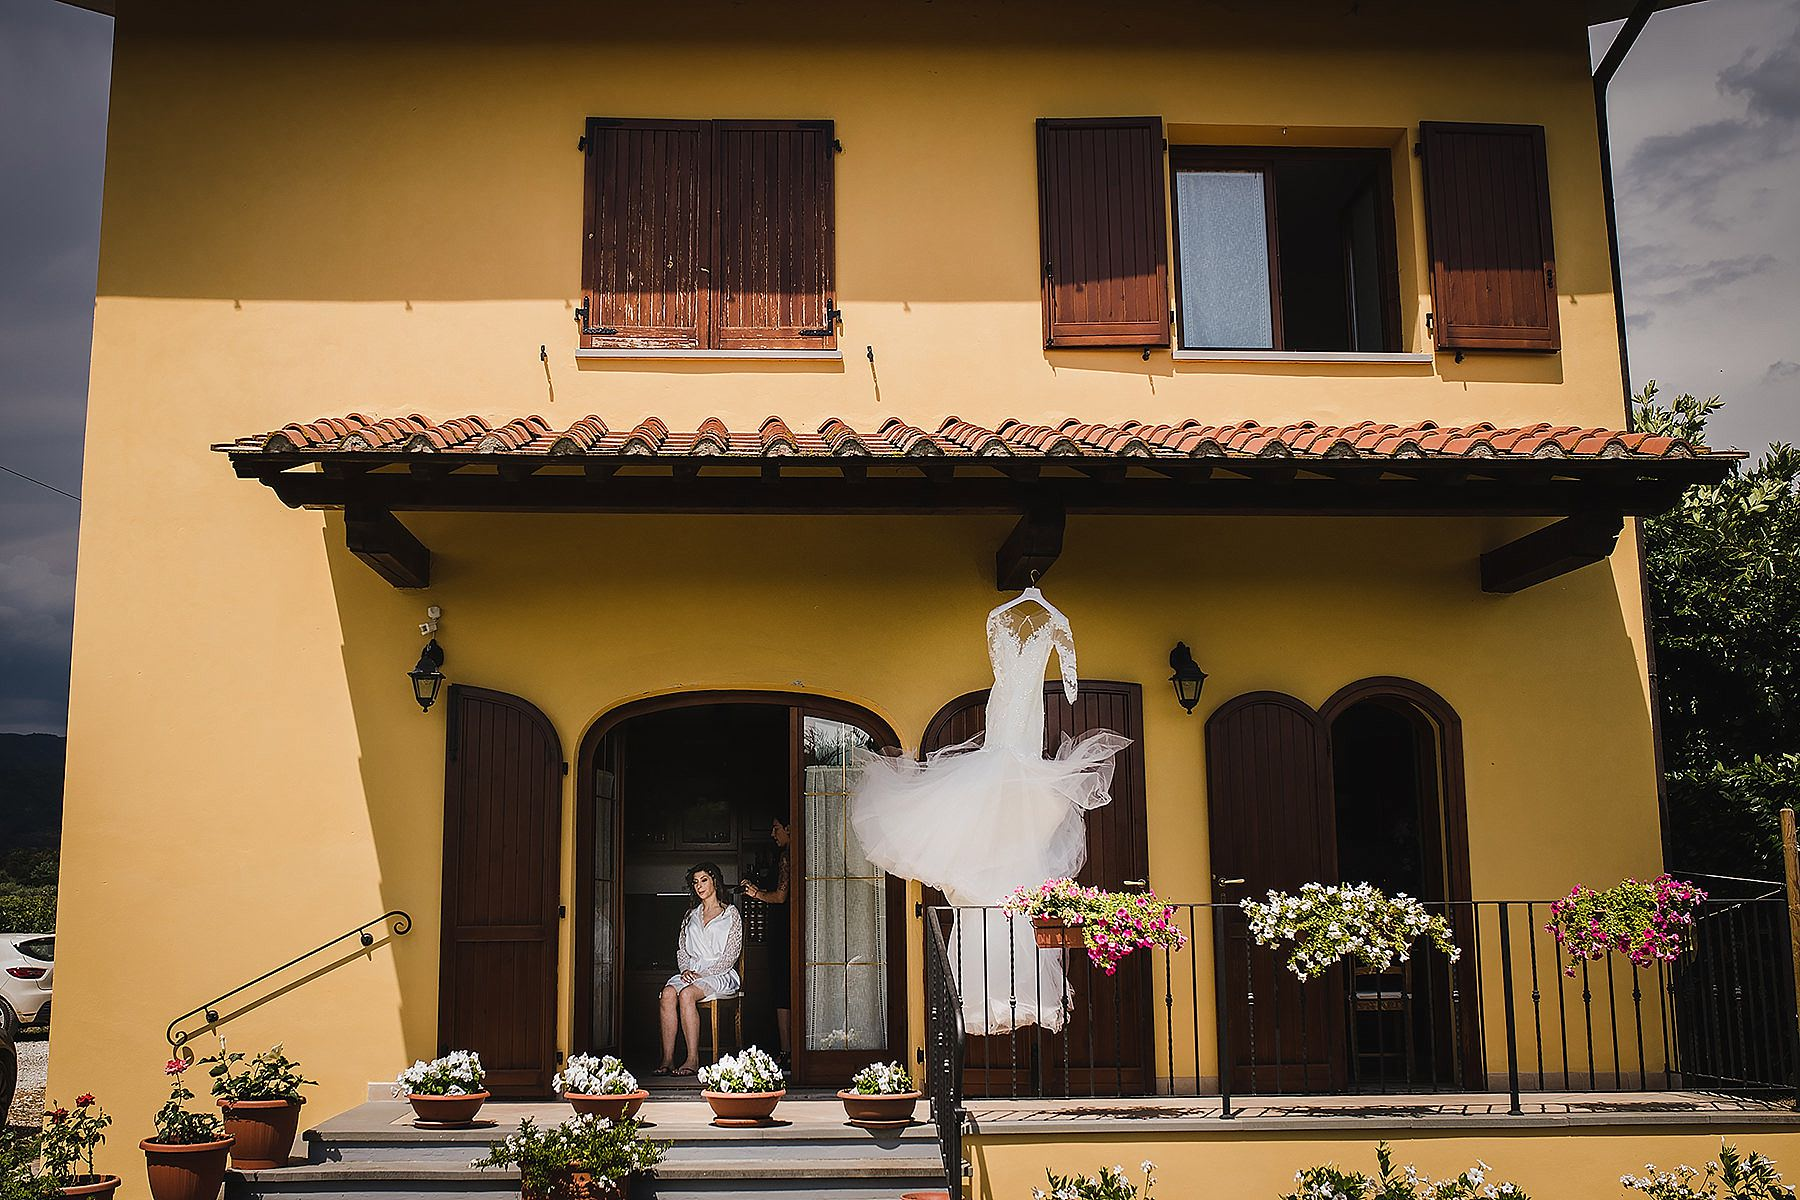 preparativi a casa della sposa mentre si prepara per la cerimonia